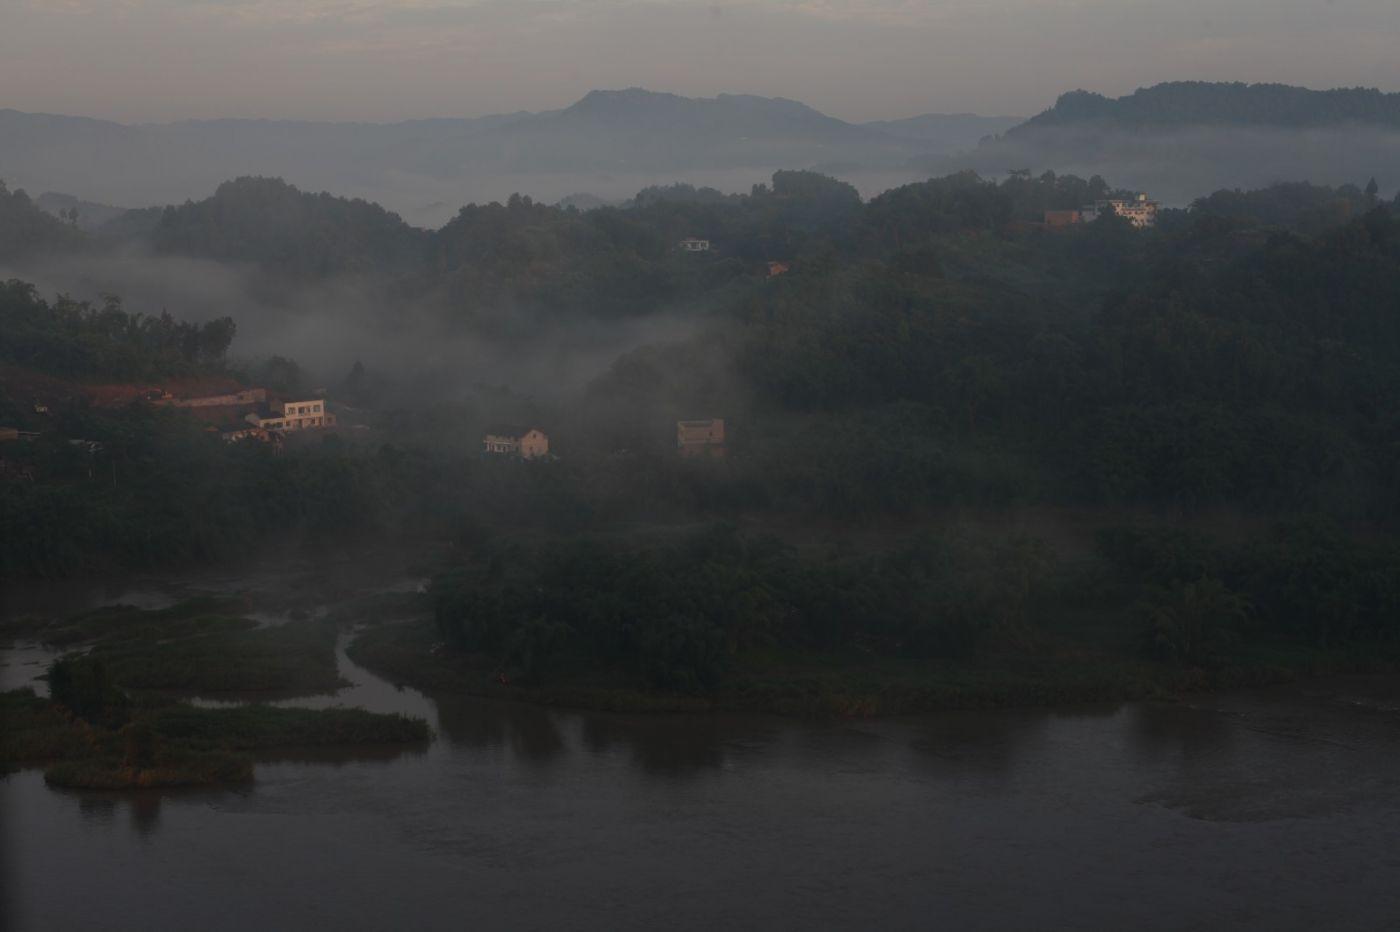 孕育了天赐尤物茅台酒的山野、林莽、溪流和河水那个空间_图1-7